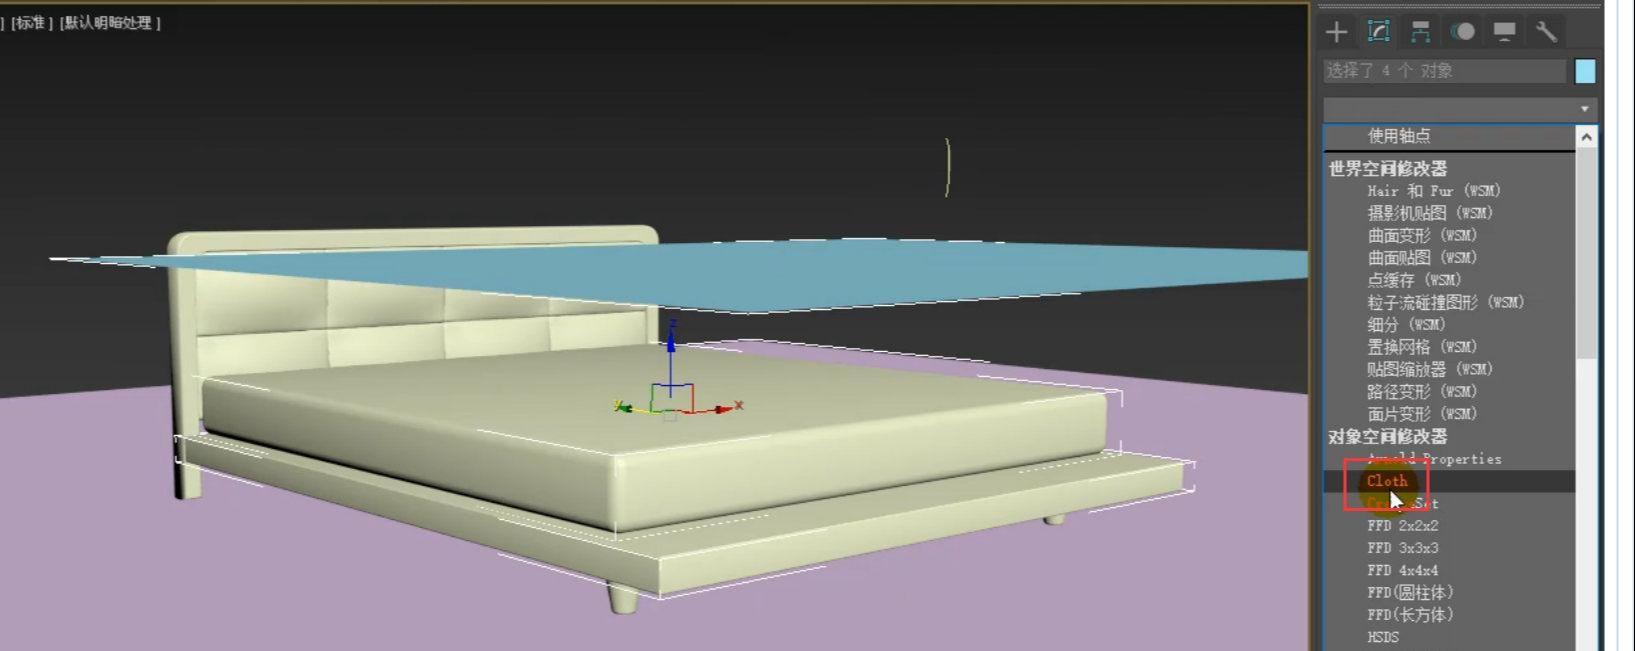 如何用3dmax的Cloth功能制作床罩(9)